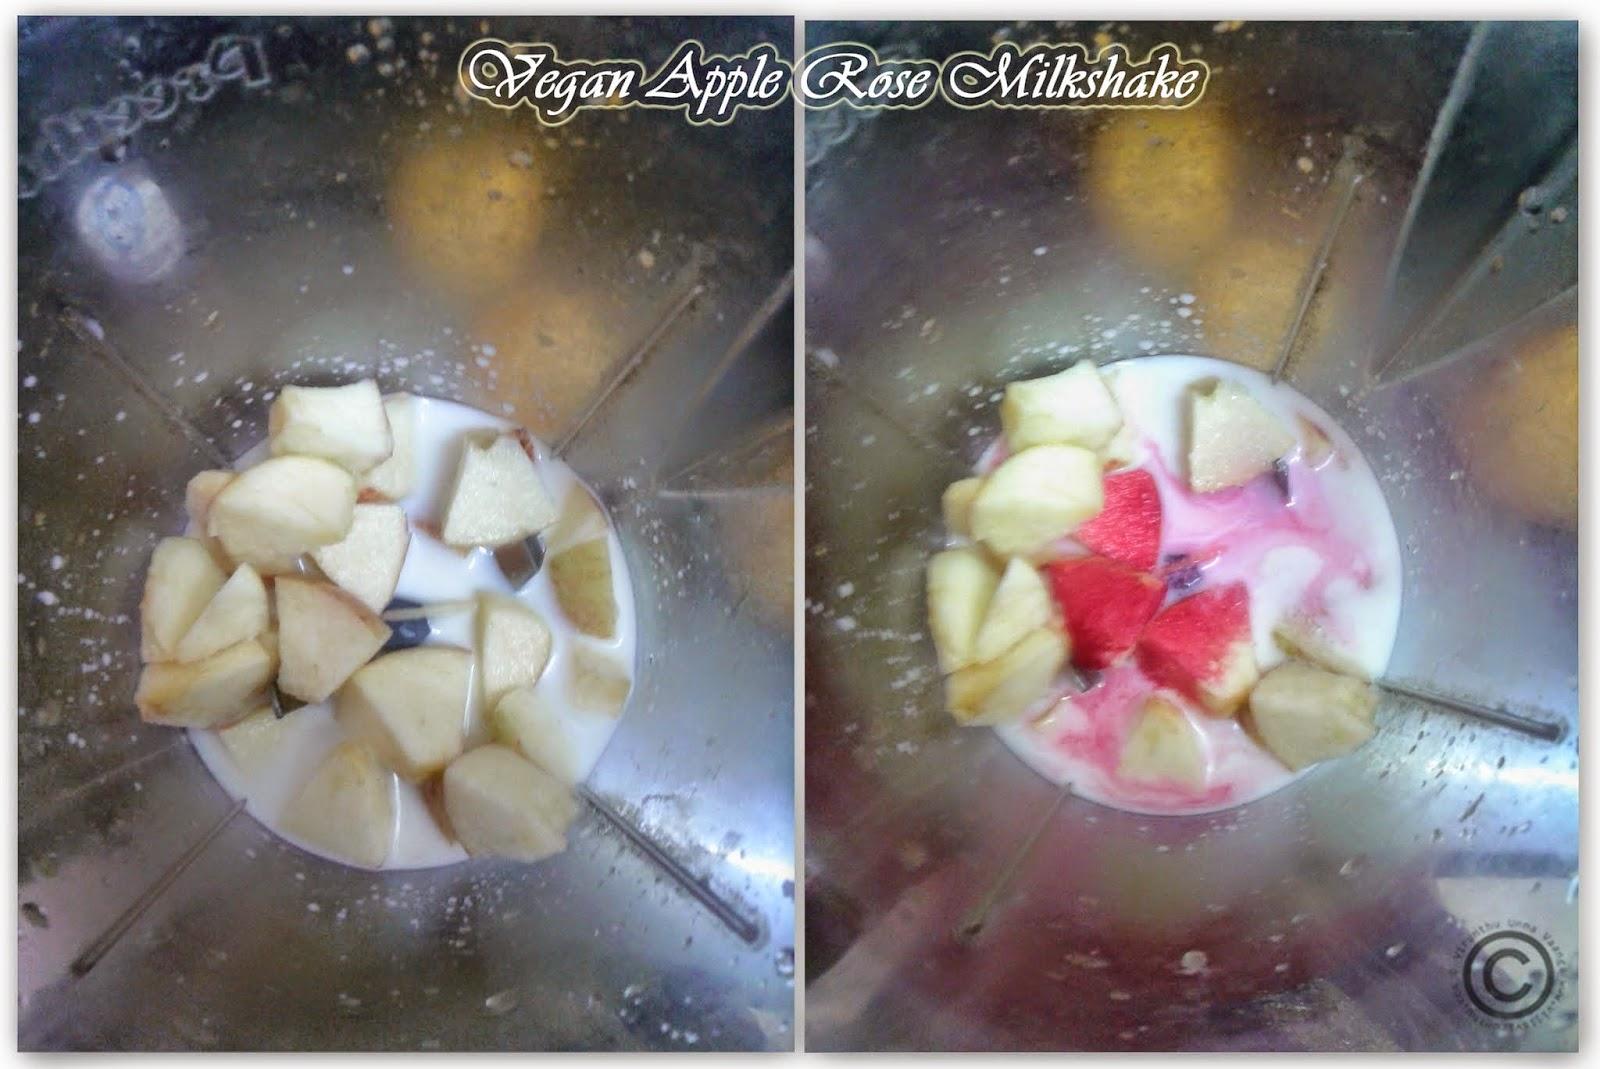 vegan-rose-milkshake-recipe